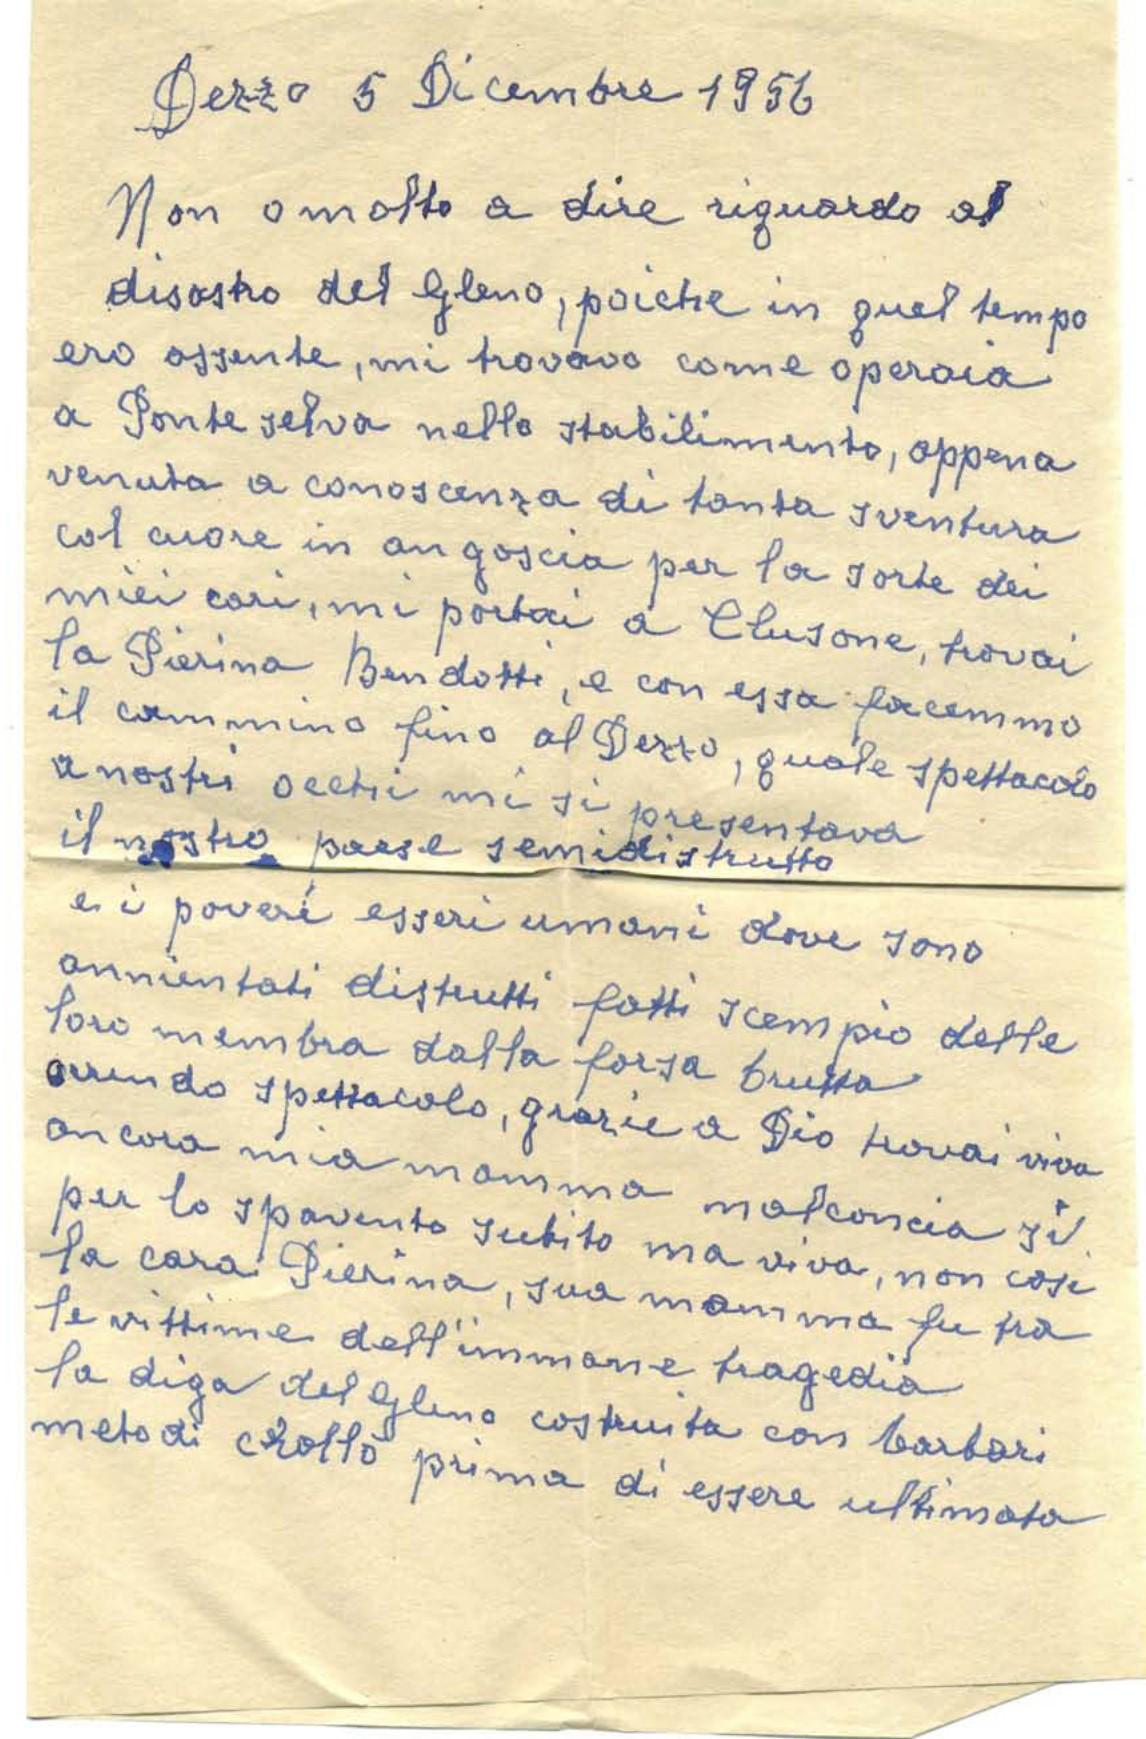 Lettera di Allegris Grandilia